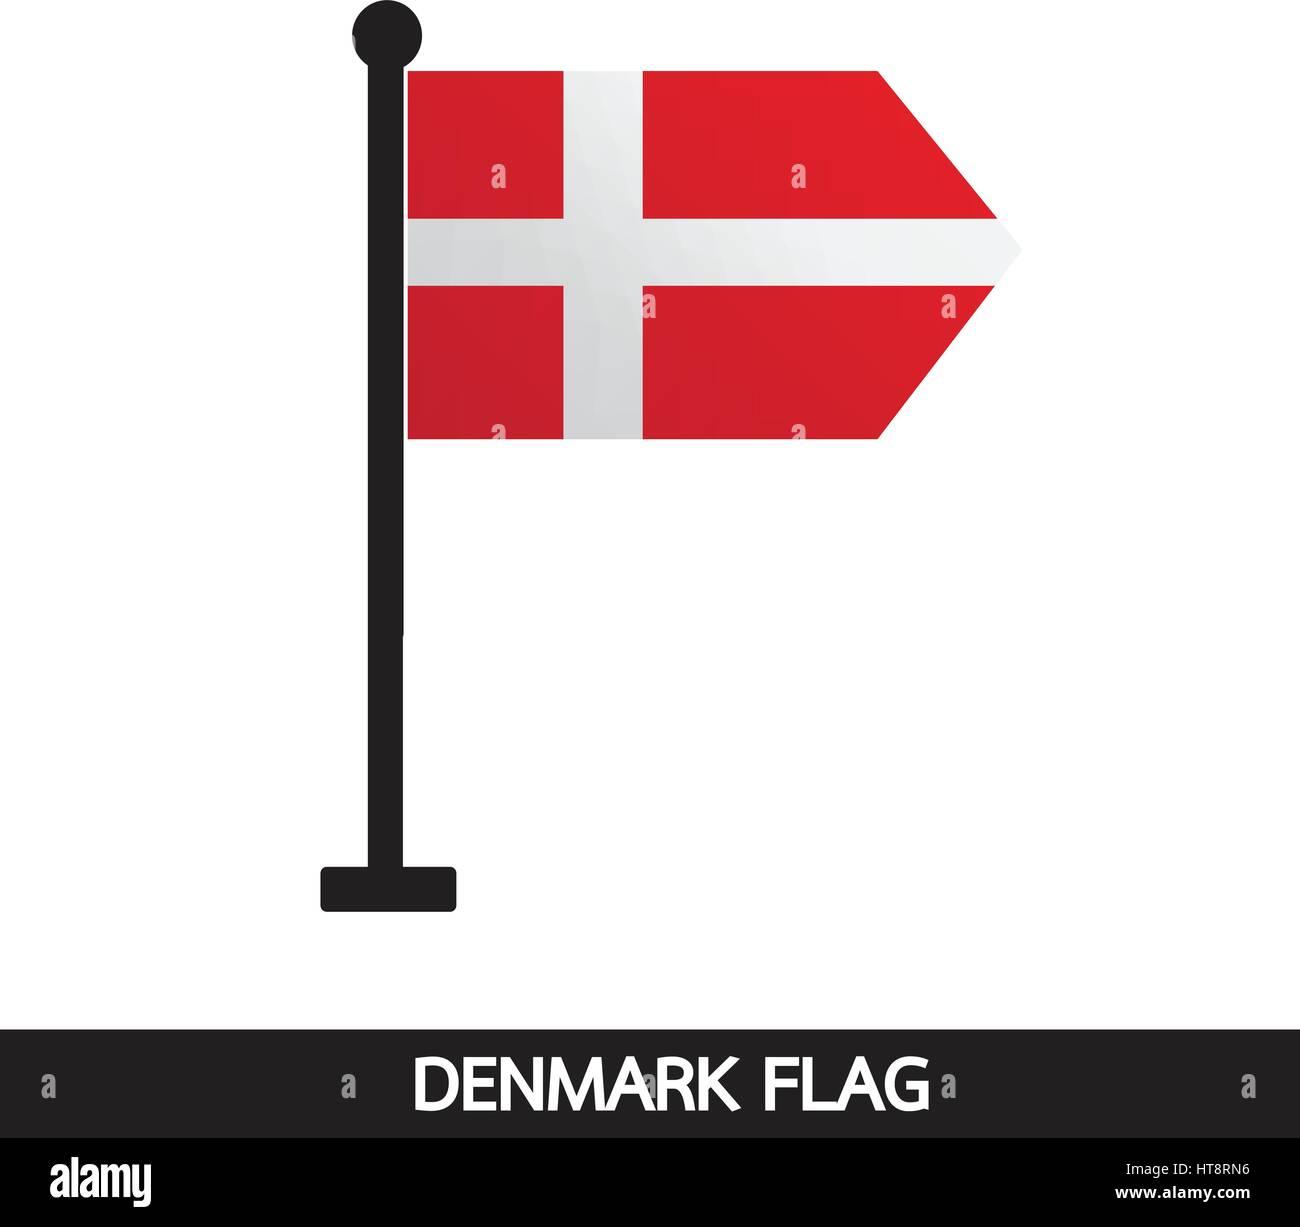 Denmark flag design illustration - Stock Vector